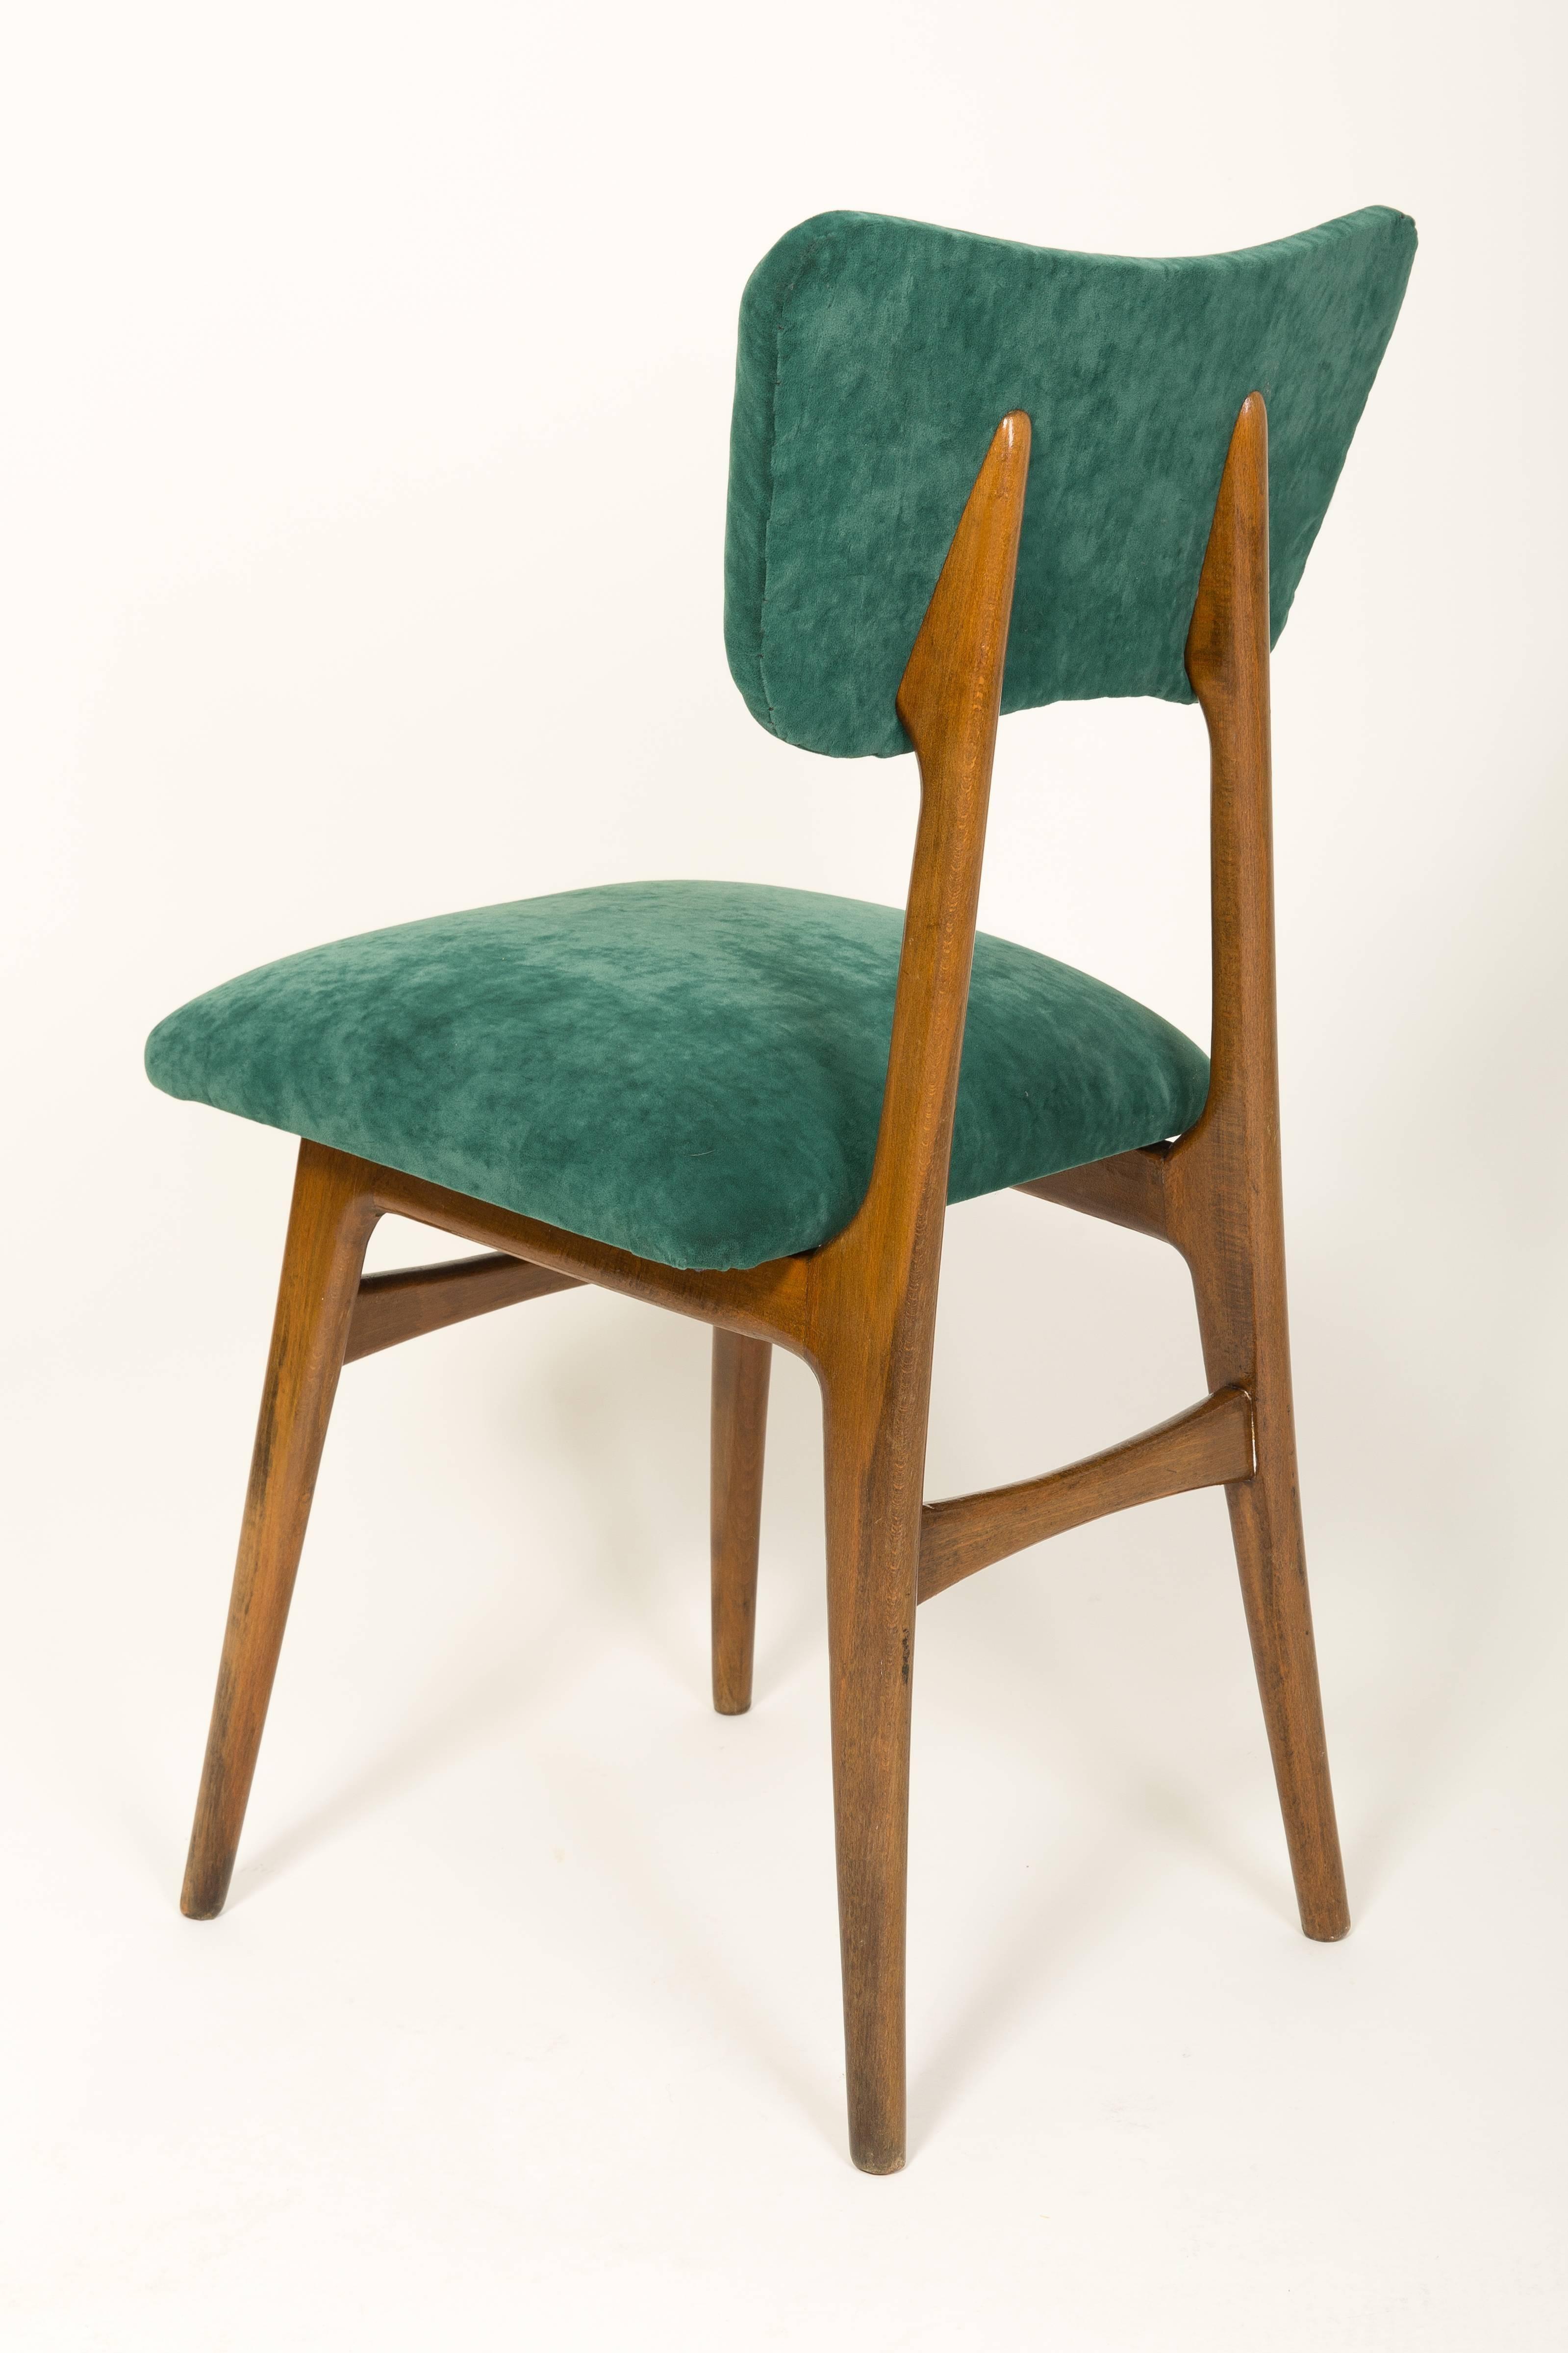 Polish 20th Century Dark Green Velvet Chair 1960s For Sale & 20th Century Dark Green Velvet Chair 1960s For Sale at 1stdibs